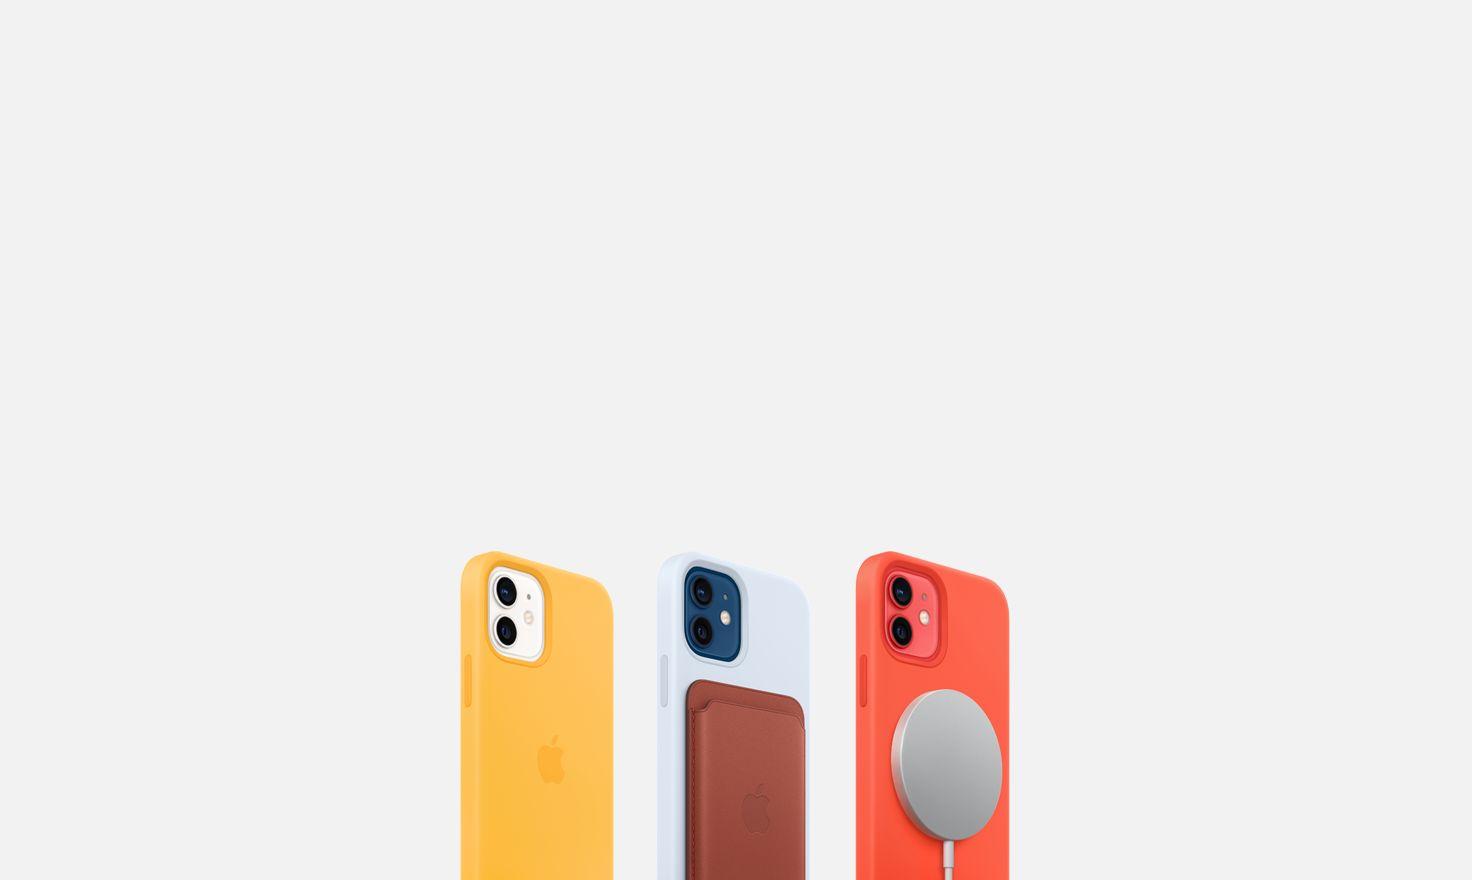 Accessoires pour Apple Watch, iPhone, iPad, iPod et Mac - Apple (CA)